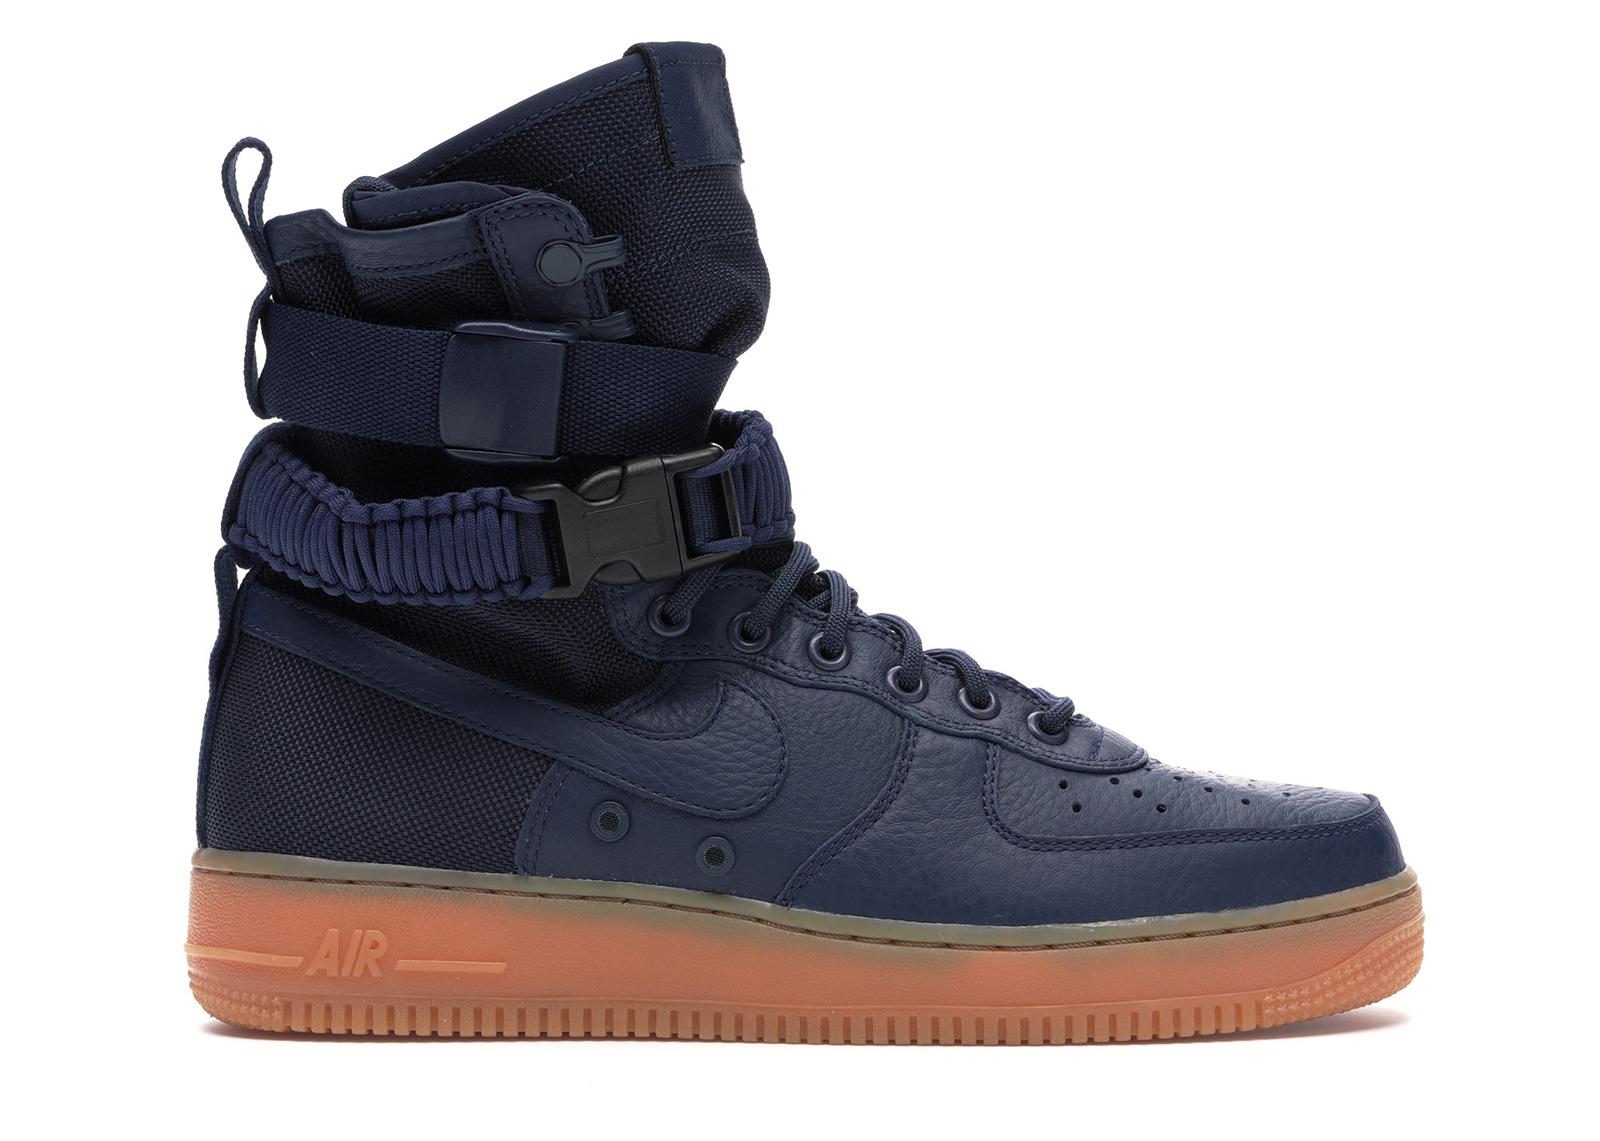 Nike SF Air Force 1 High Navy Gum